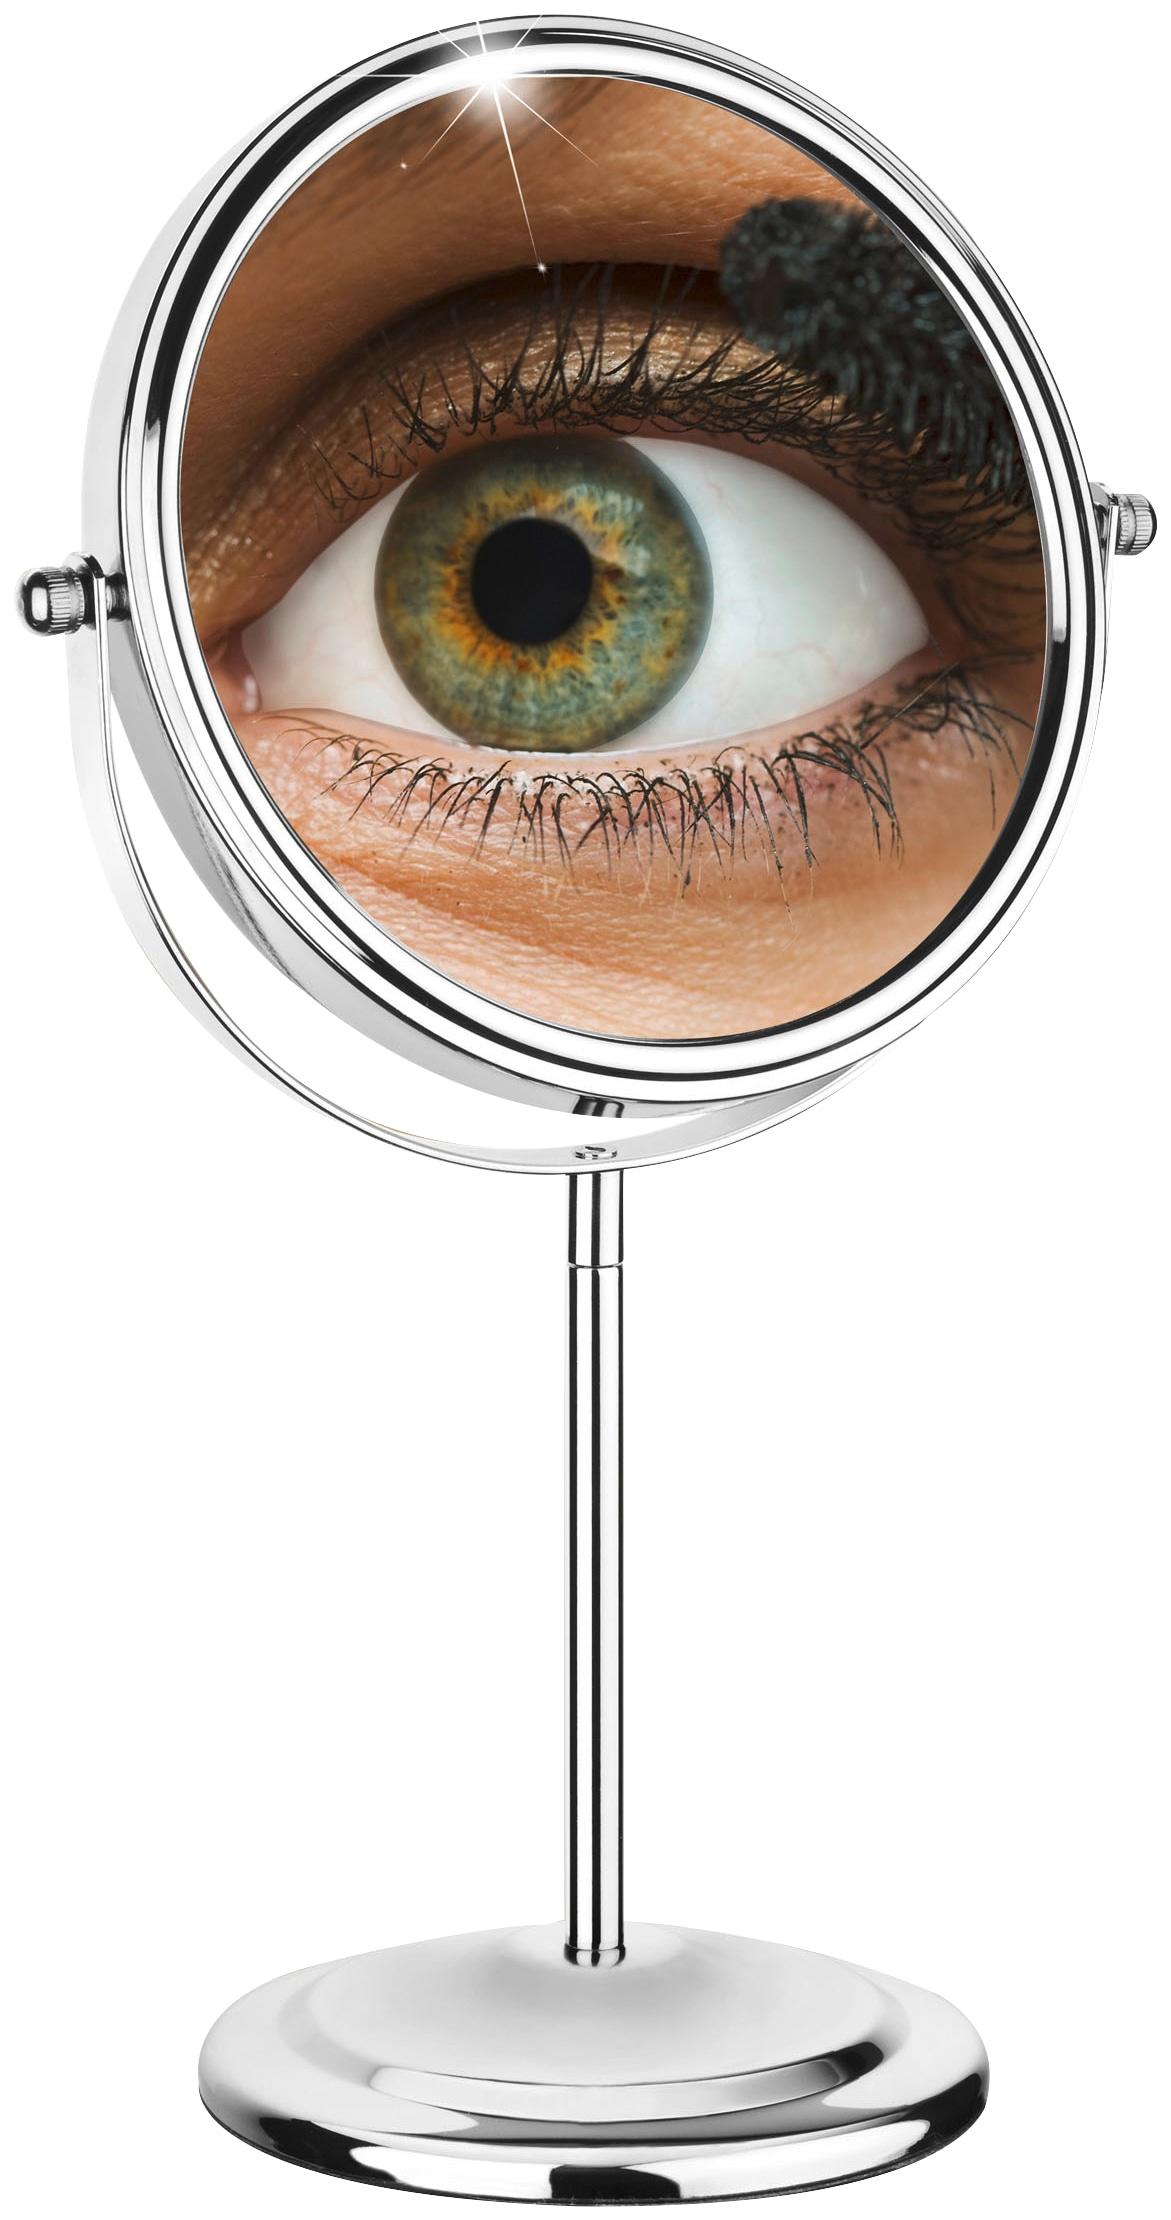 WENKO Kosmetikspiegel Schminkhilfe, 7-fache Vergrößerung | Bad > Bad-Accessoires > Kosmetikspiegel | Wenko